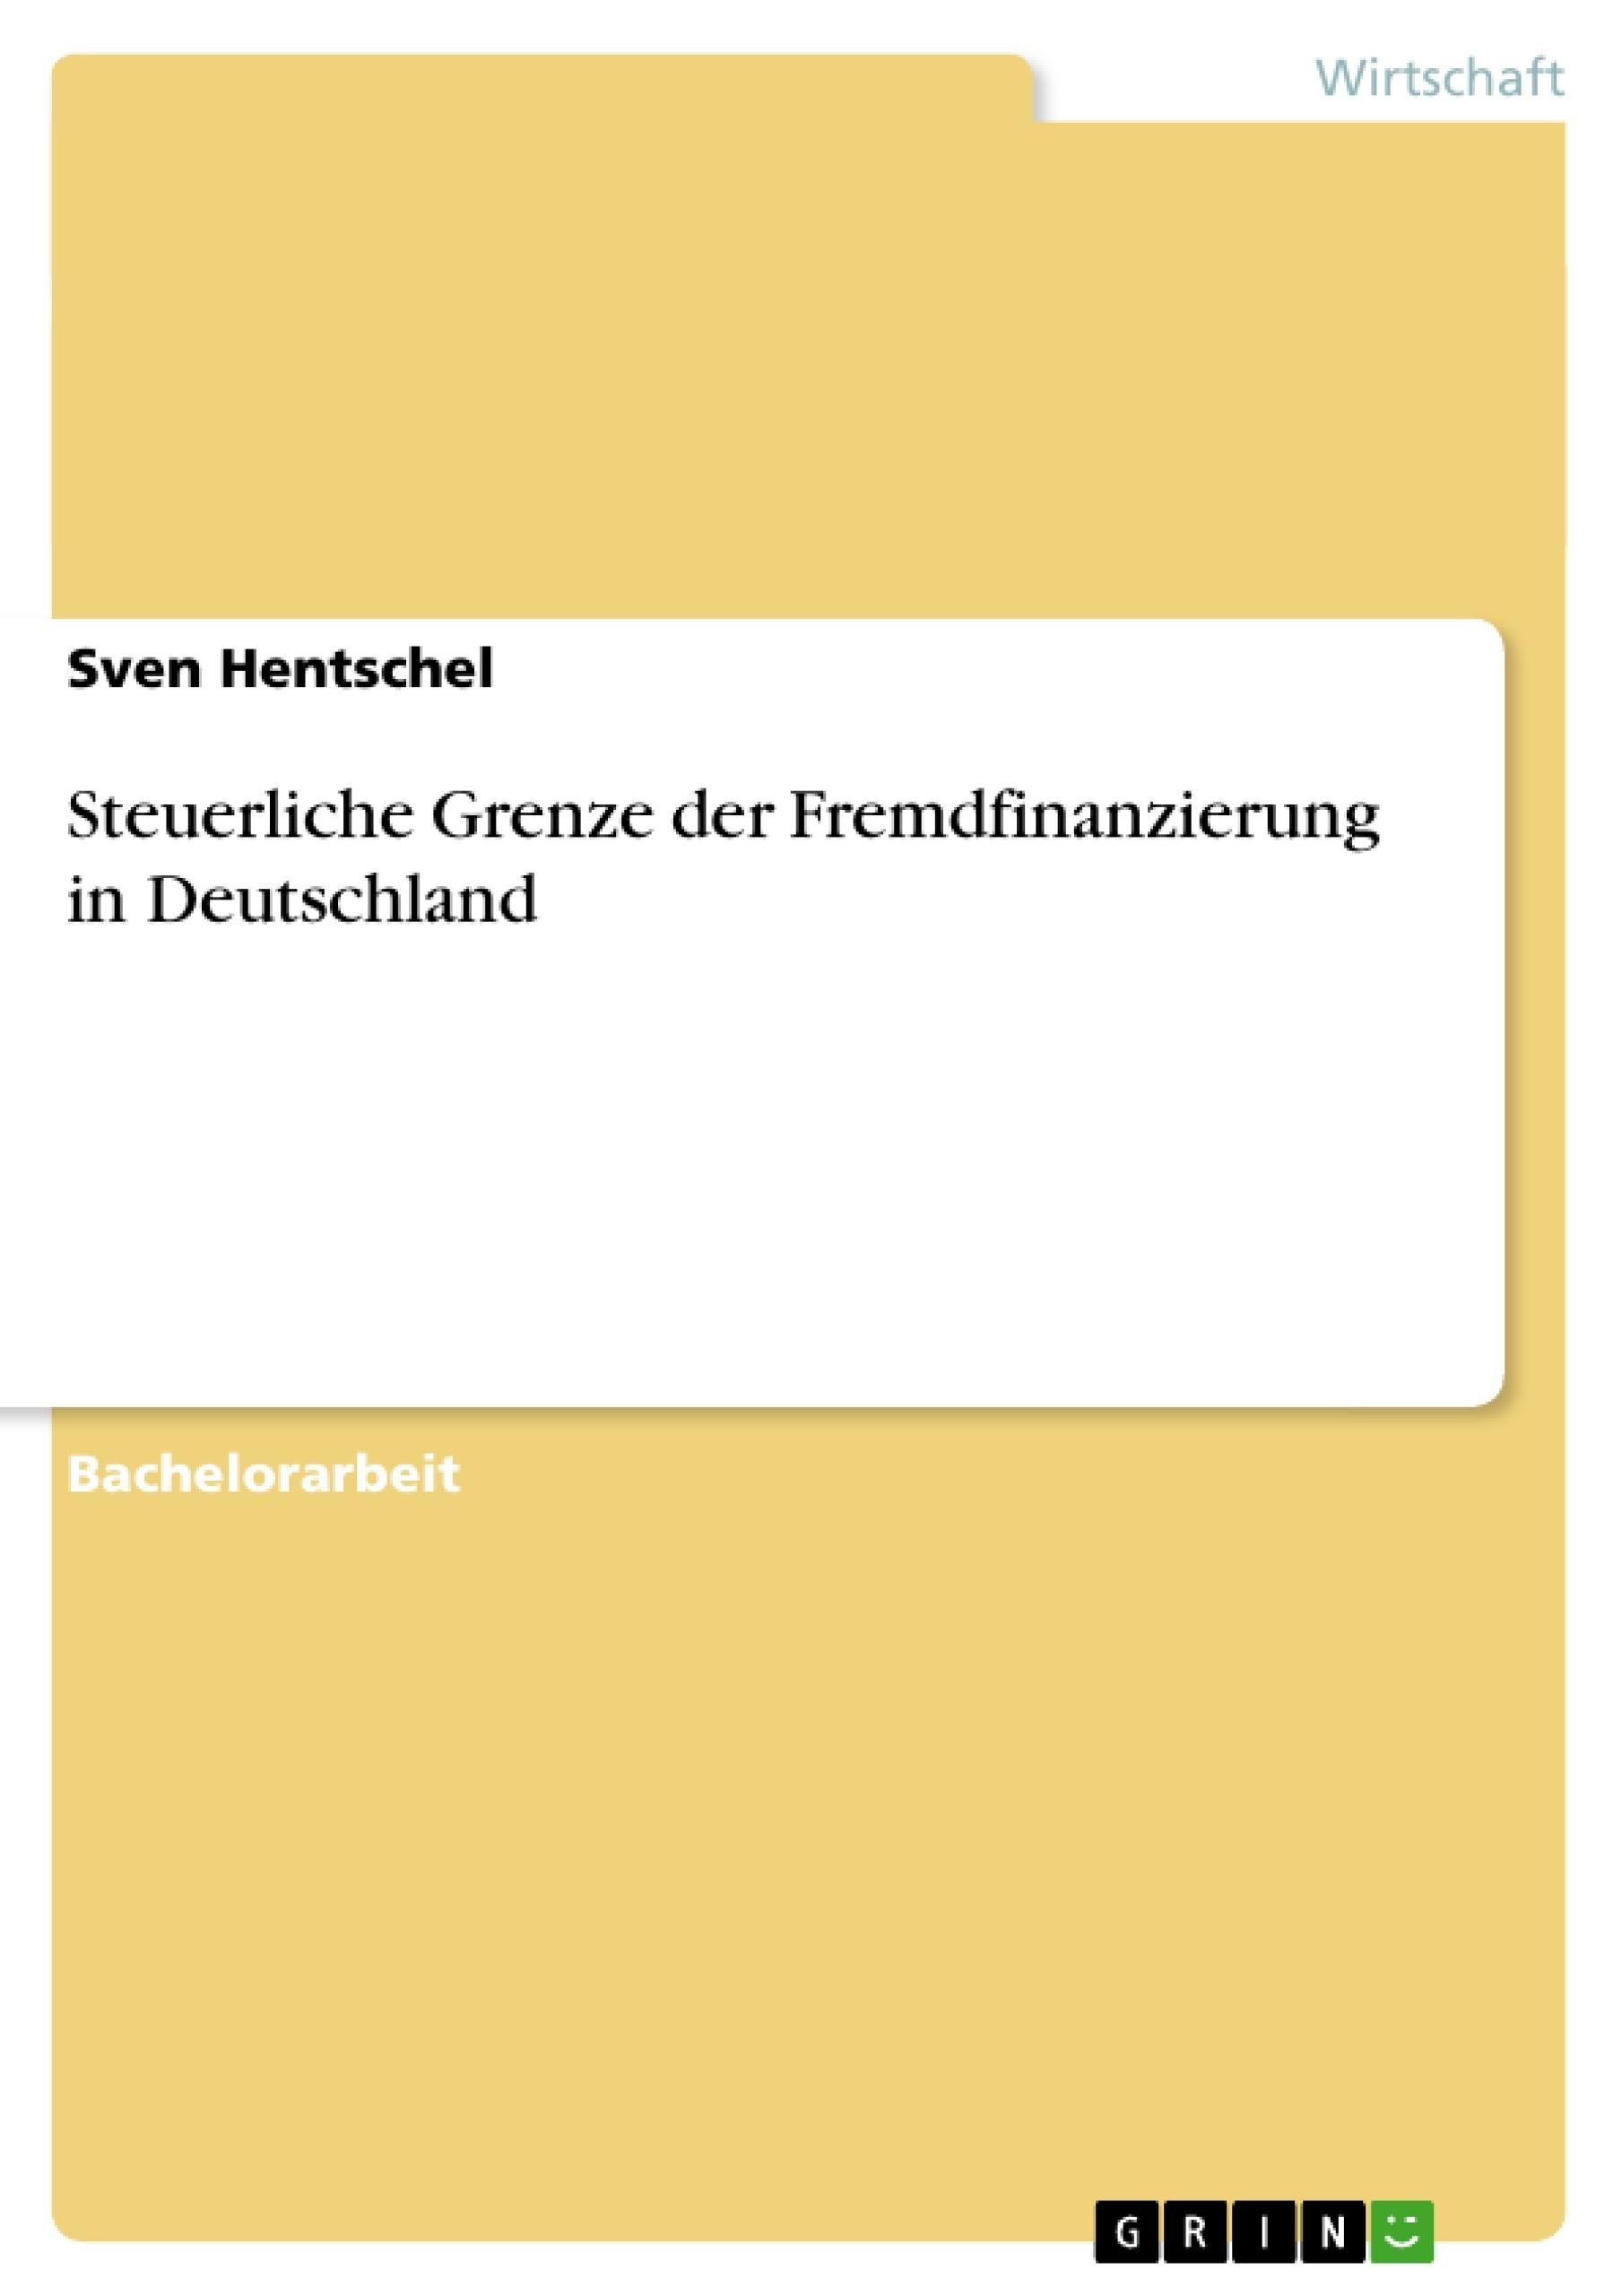 Titel: Steuerliche Grenze der Fremdfinanzierung in Deutschland